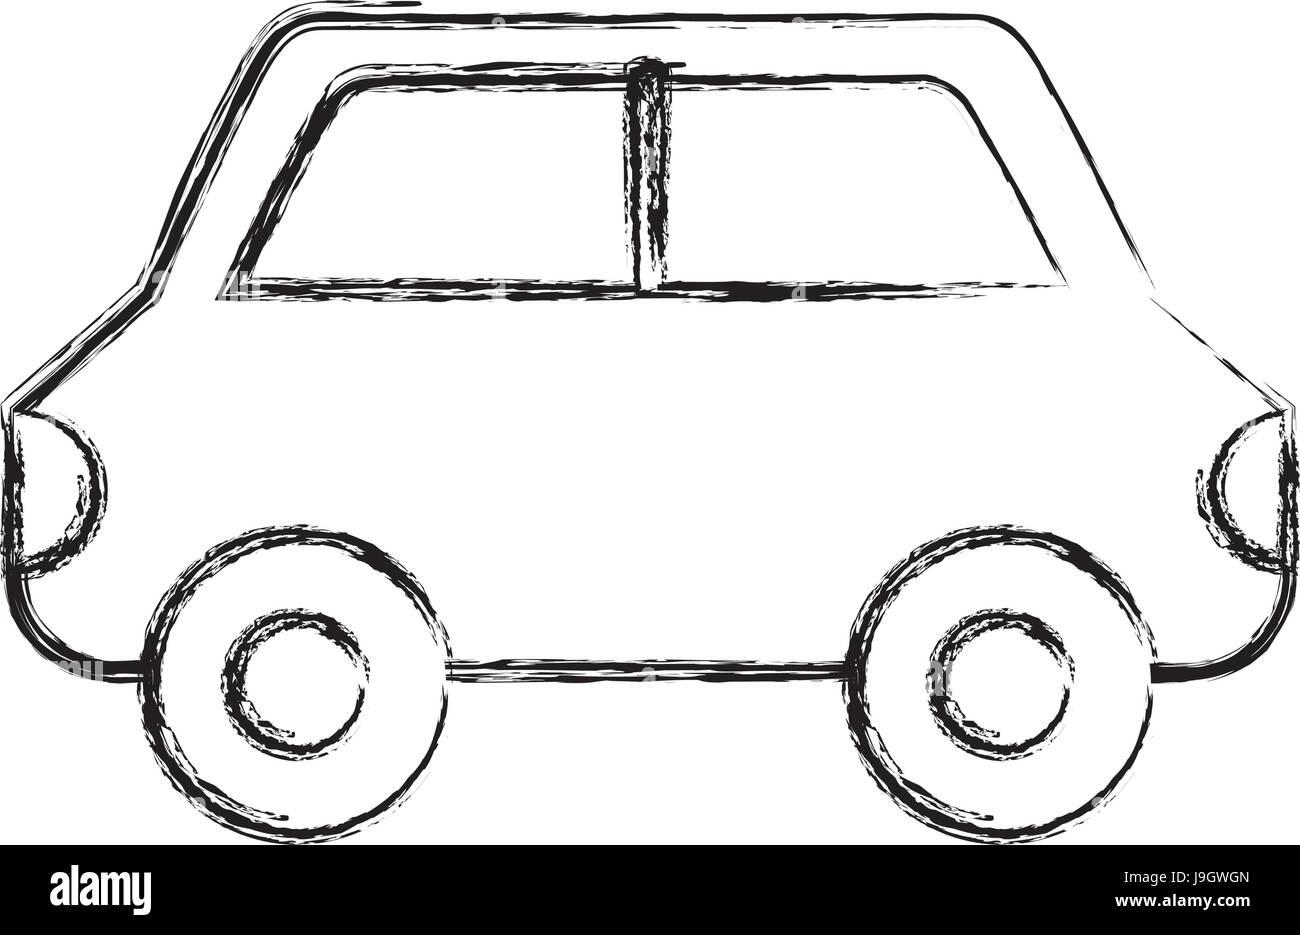 Ausgezeichnet Wie Man Auto Skizziert Ideen - Die Besten Elektrischen ...